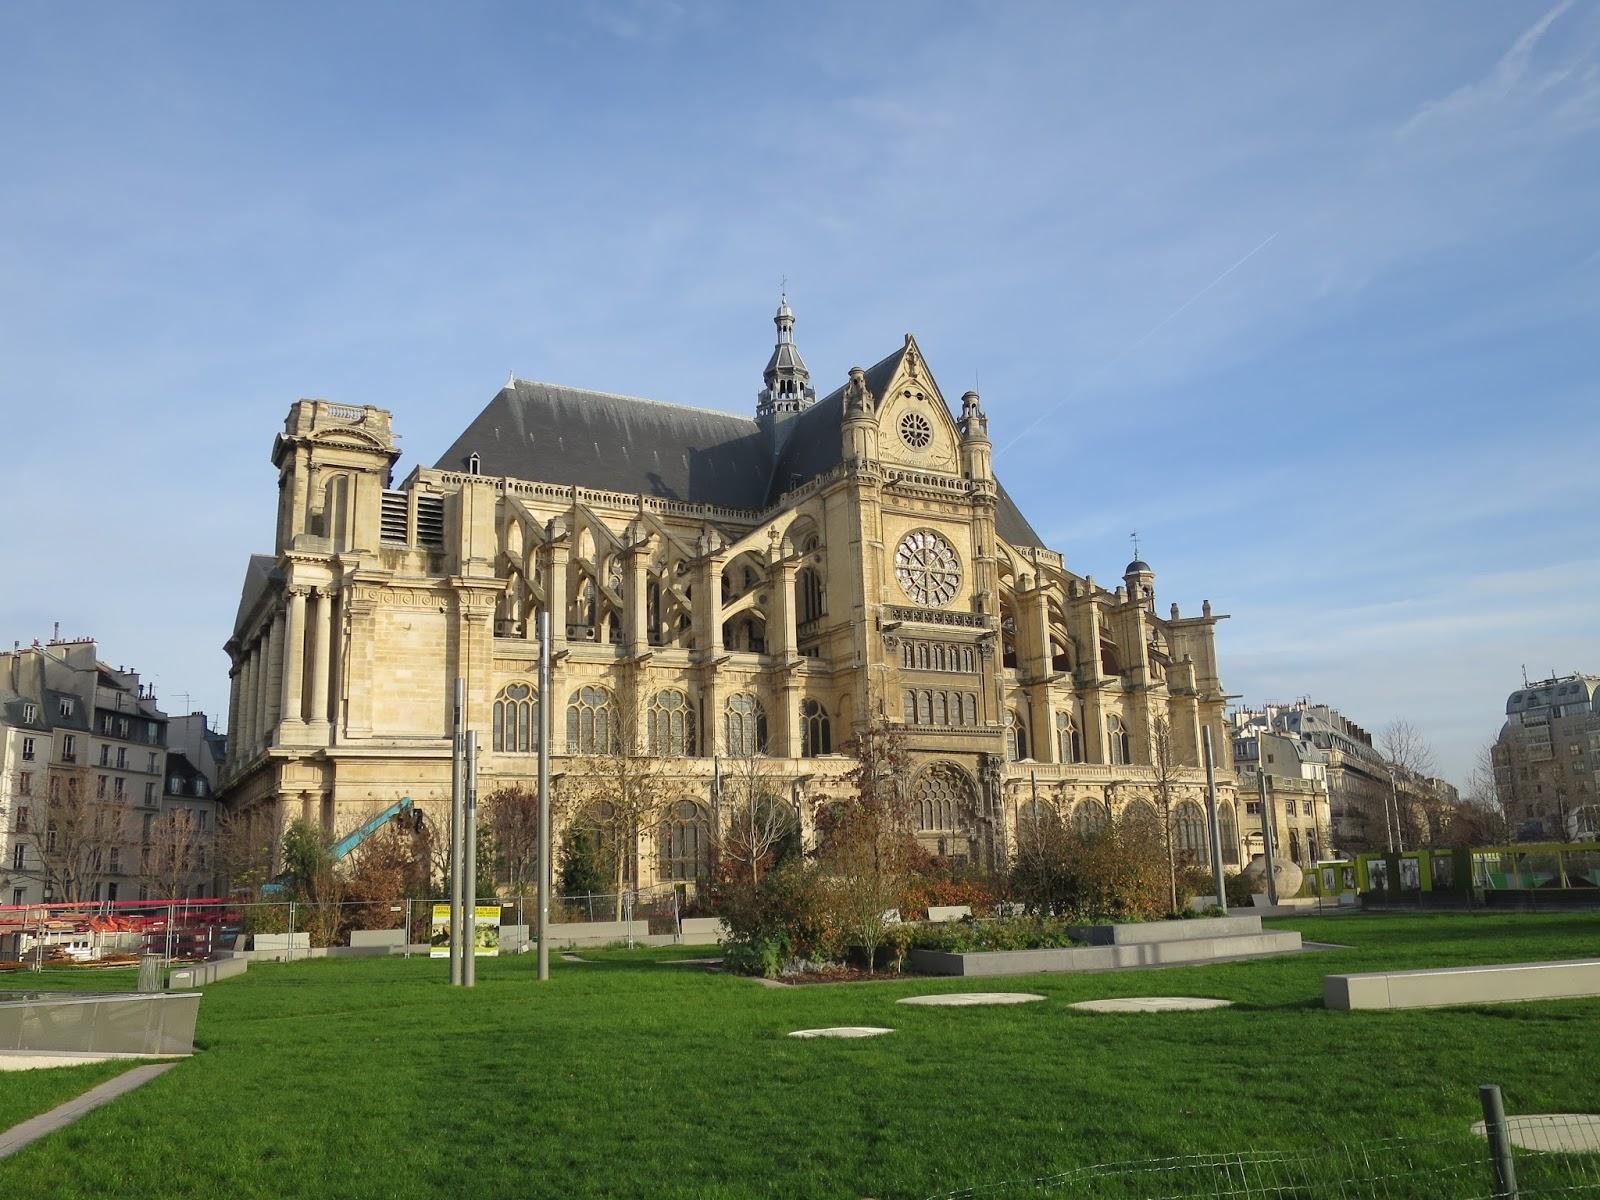 La rte le p re d 39 ulysse eglise saint eustache paris for Domon saint eustache